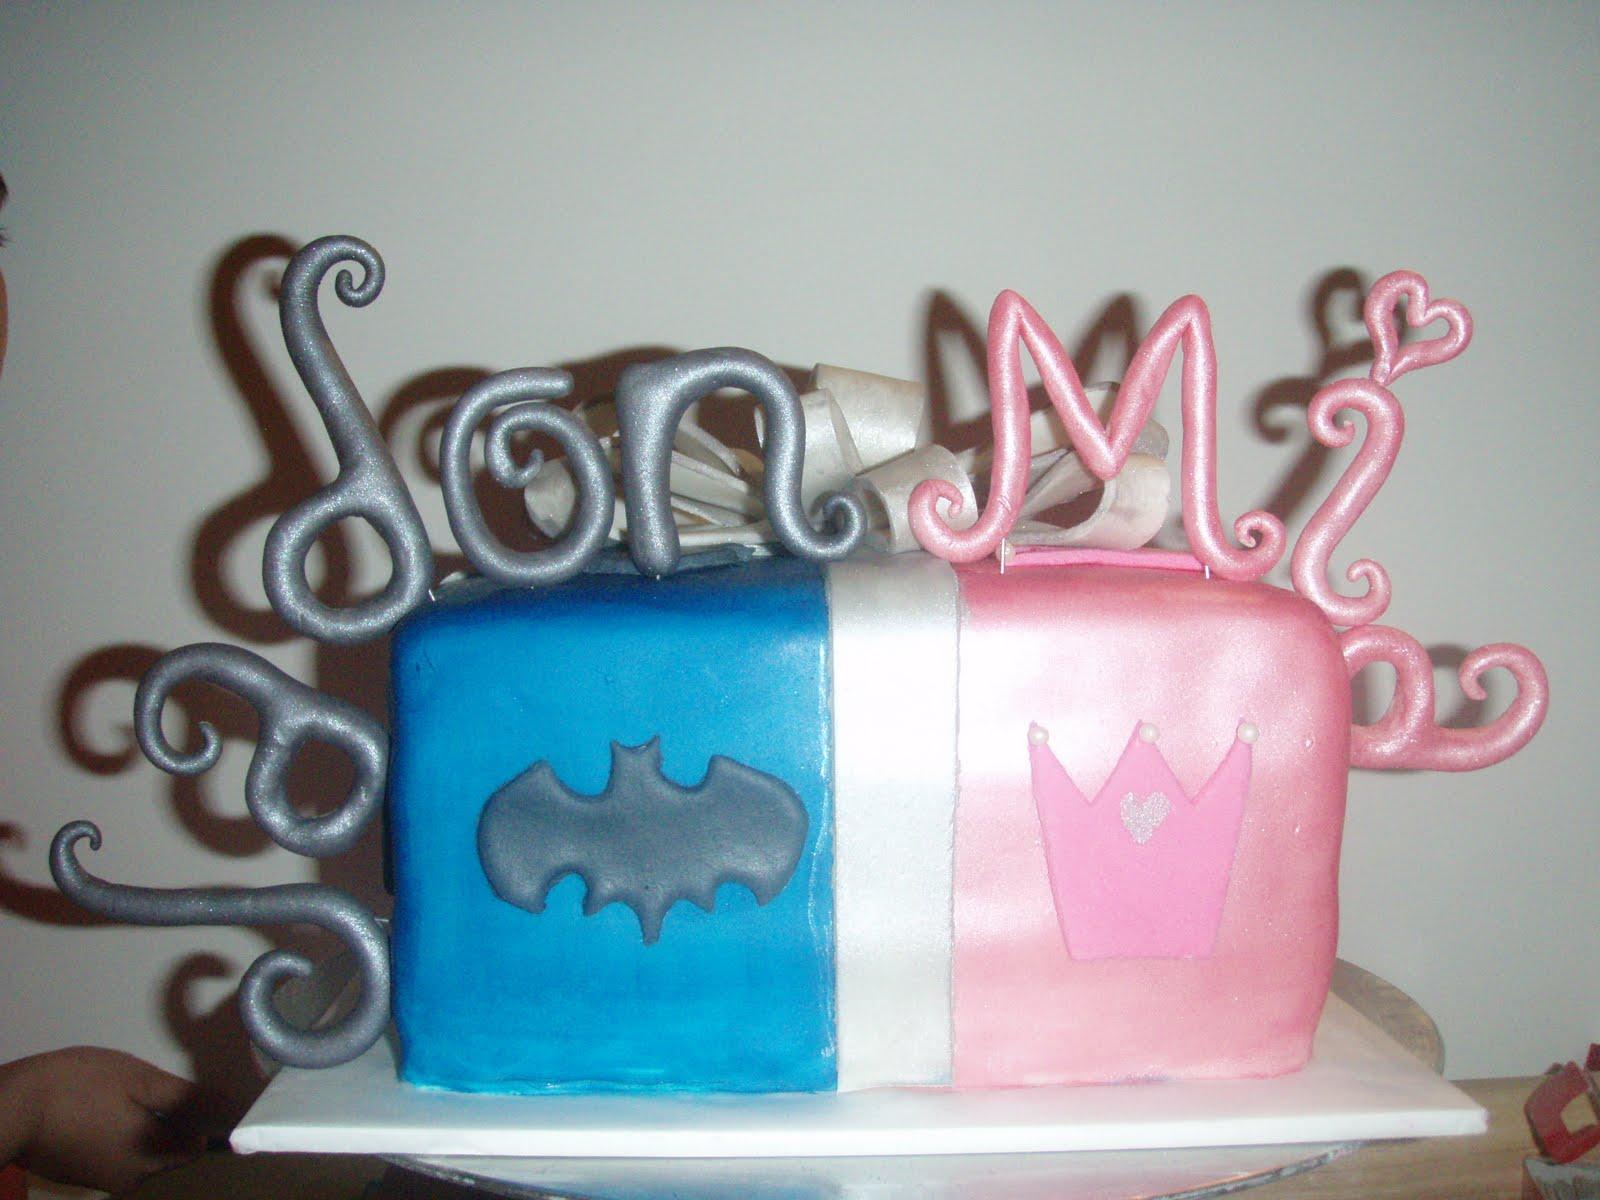 Pams Custom Cakes Boygirl Cake Cupcakes